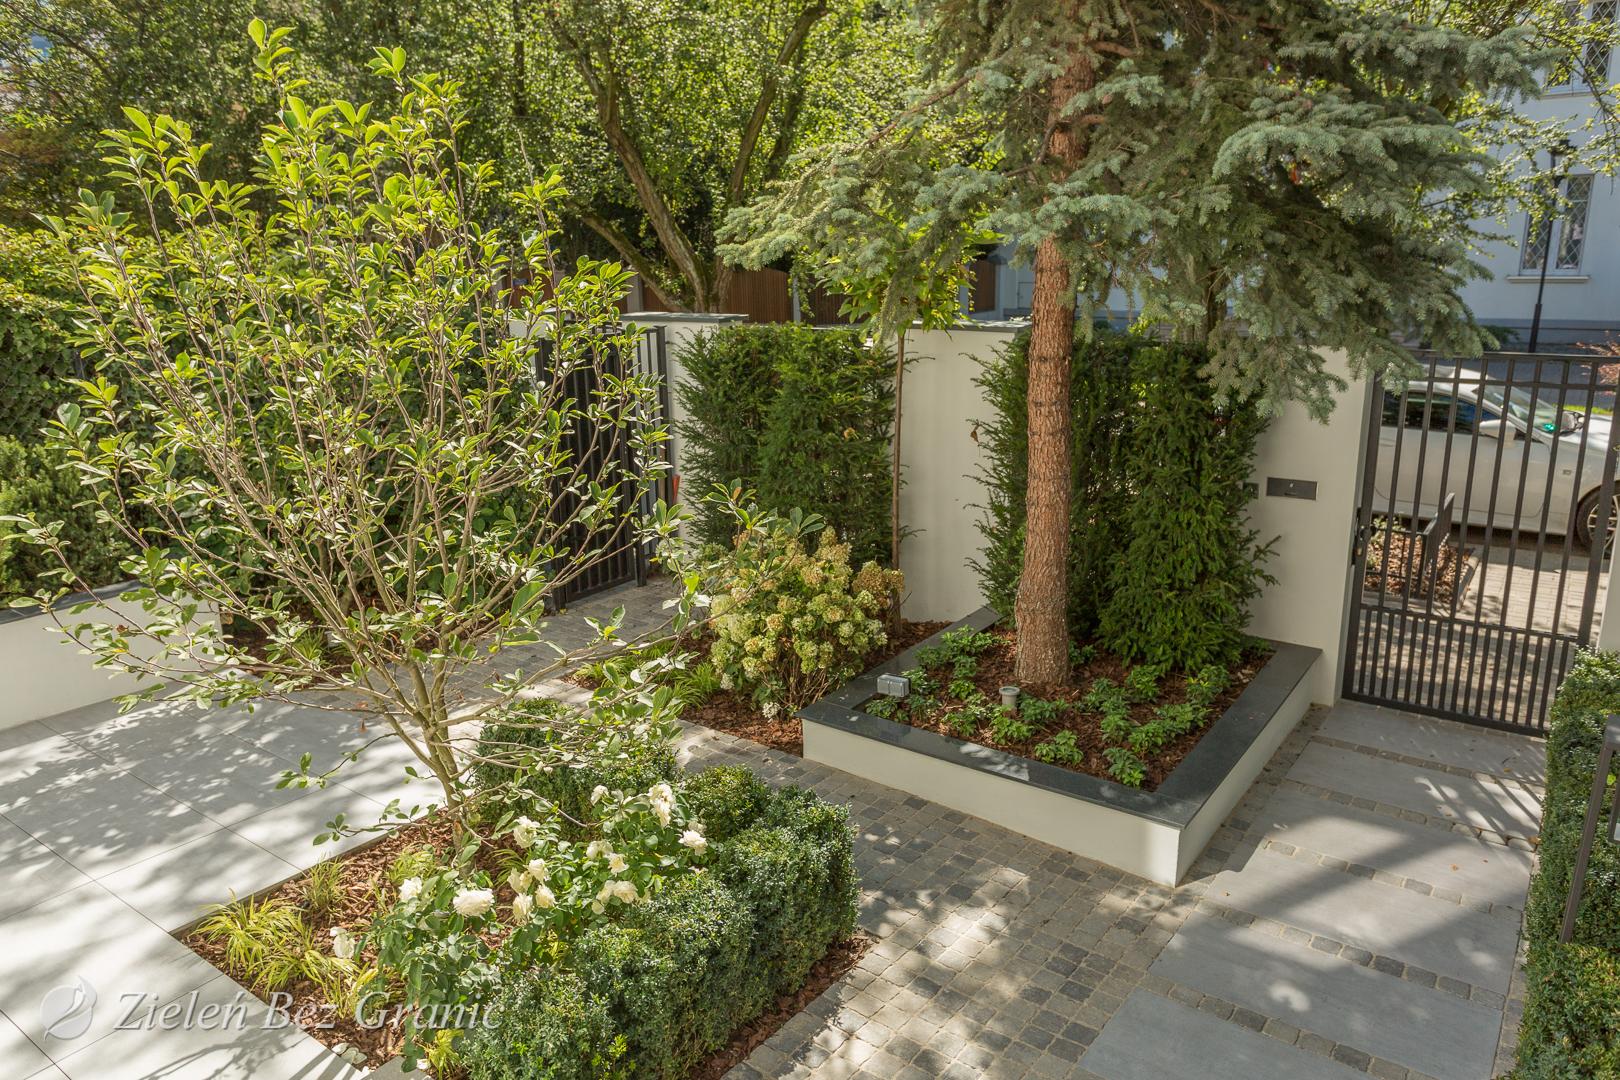 Niewielki ogródek przydomowy